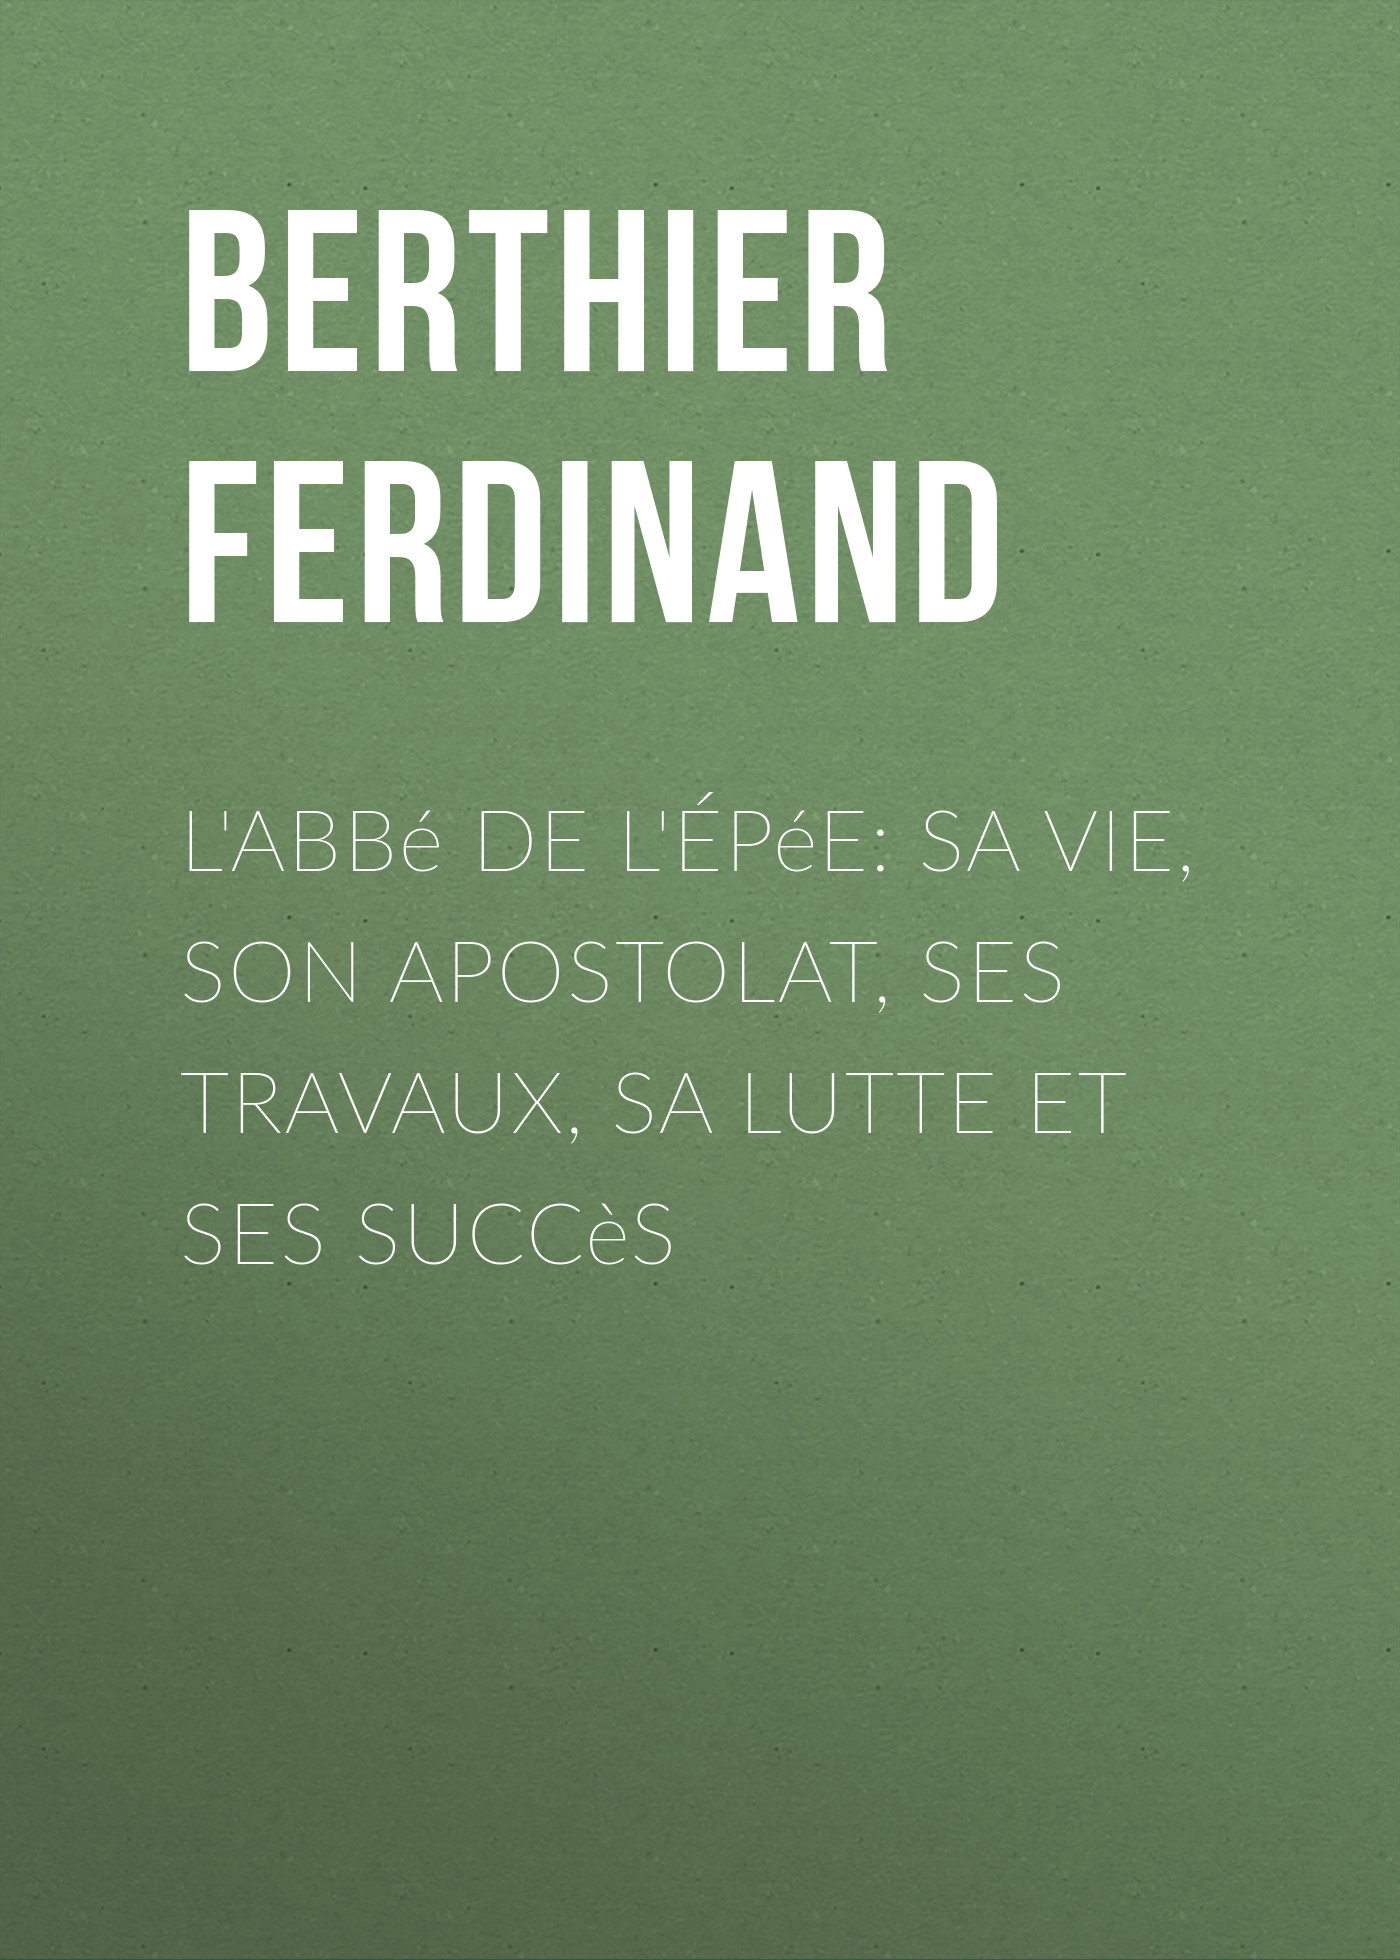 Berthier Ferdinand L'Abbé de l'Épée: sa vie, son apostolat, ses travaux, sa lutte et ses succès цена 2017